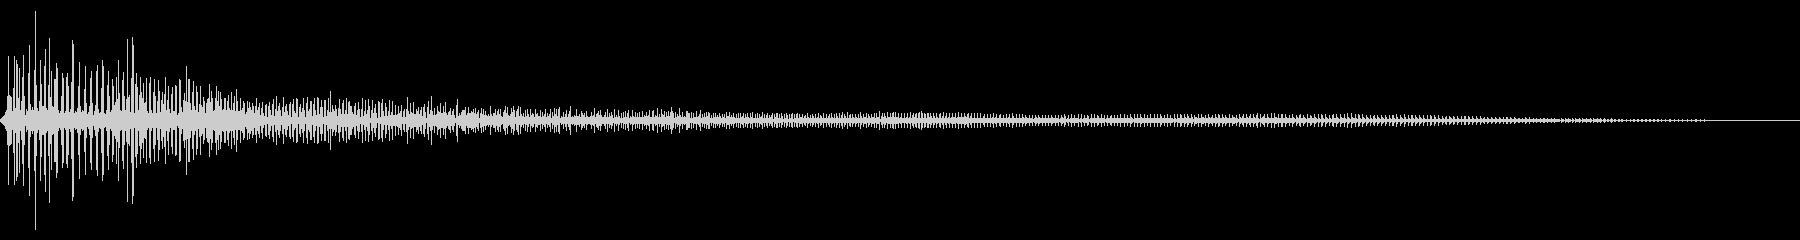 大きなおならげっぷ、げっぷ、オナラ...の未再生の波形